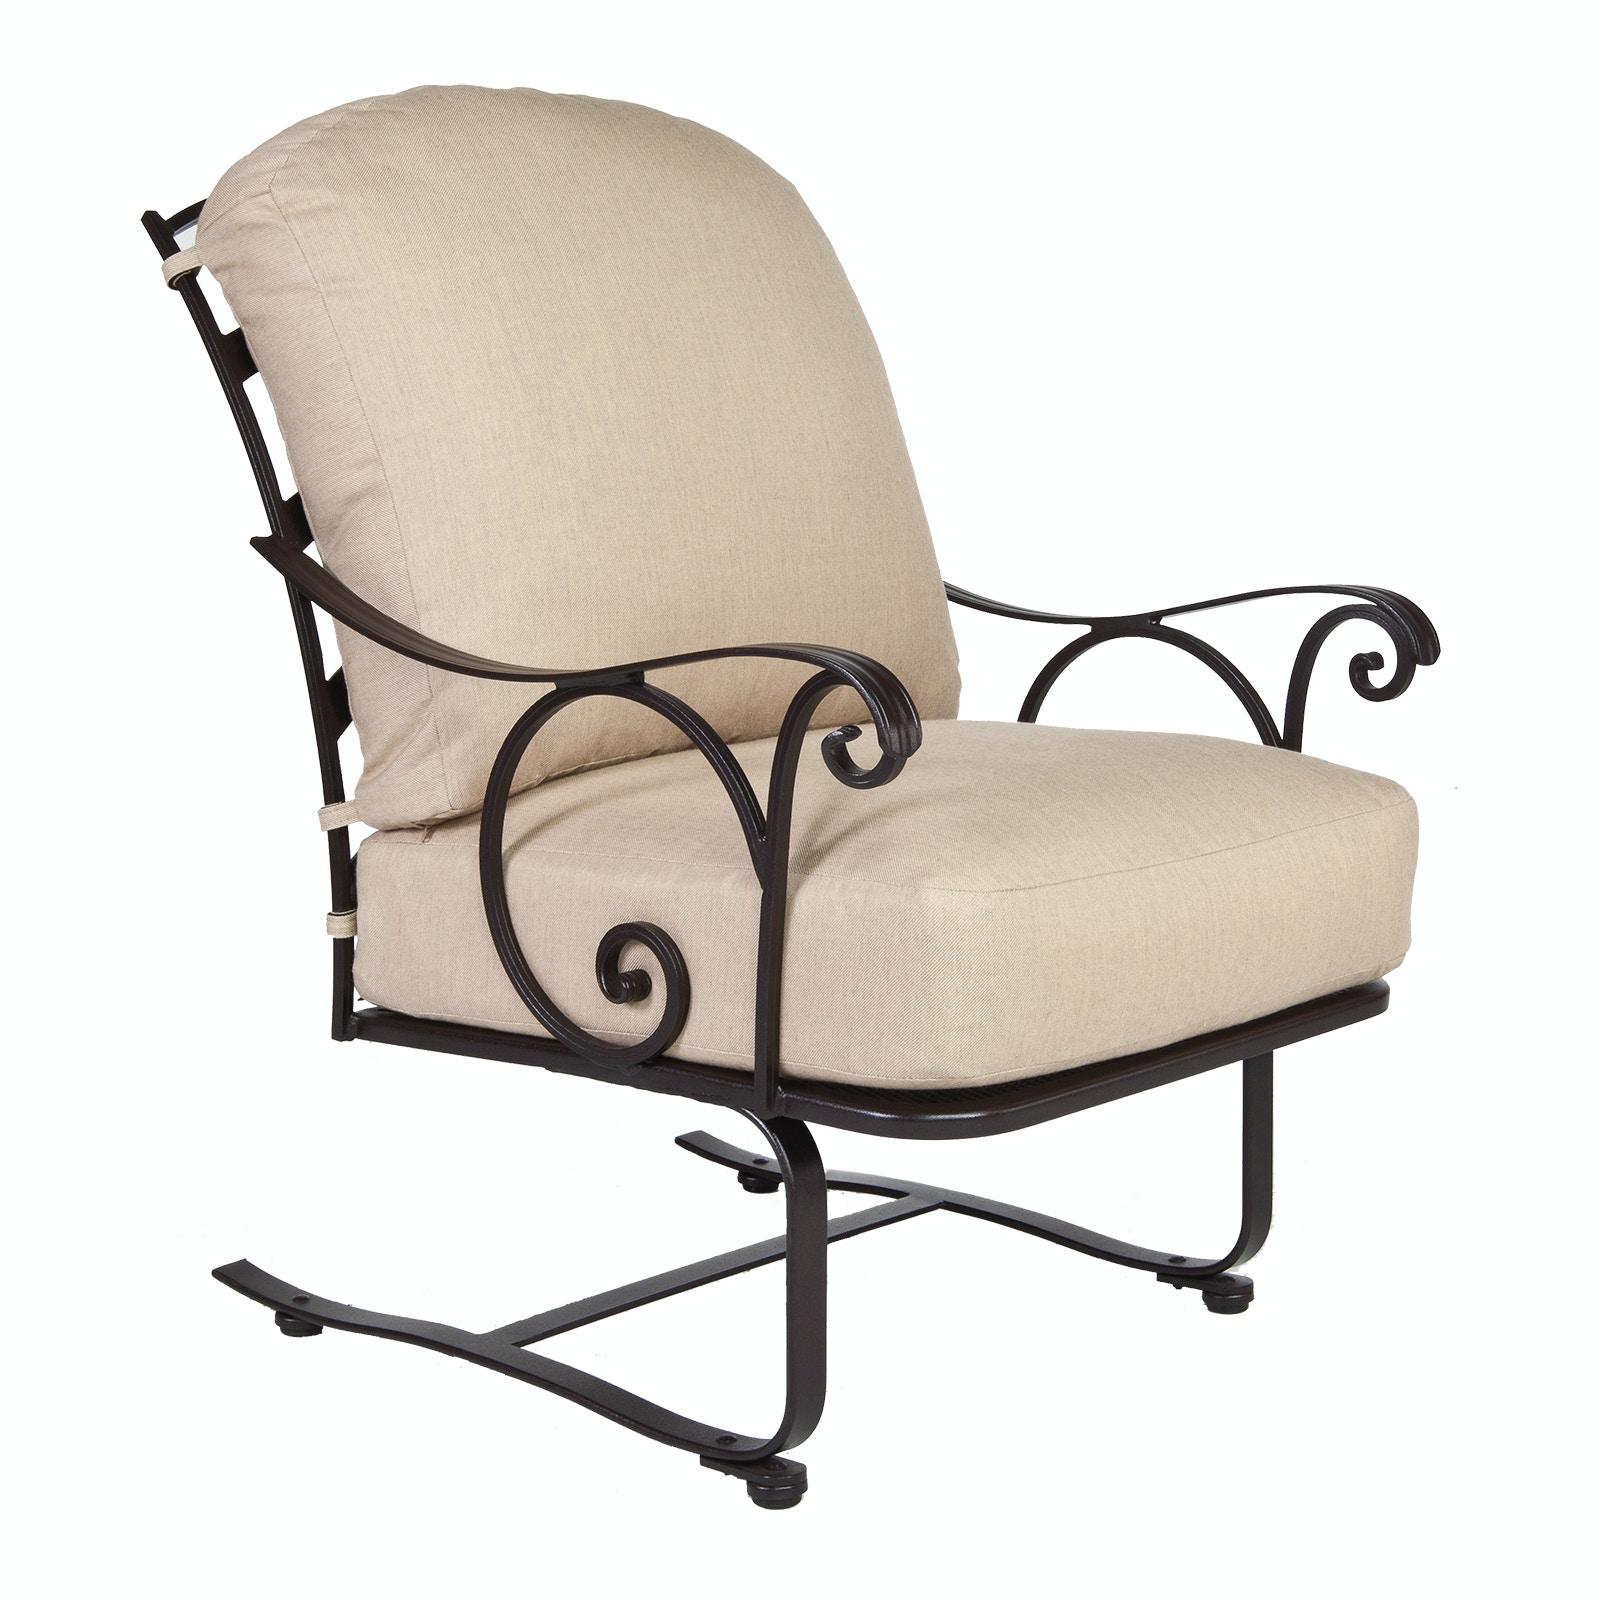 OW Lee Furniture Spring Base Lounge Chair 8264 SB